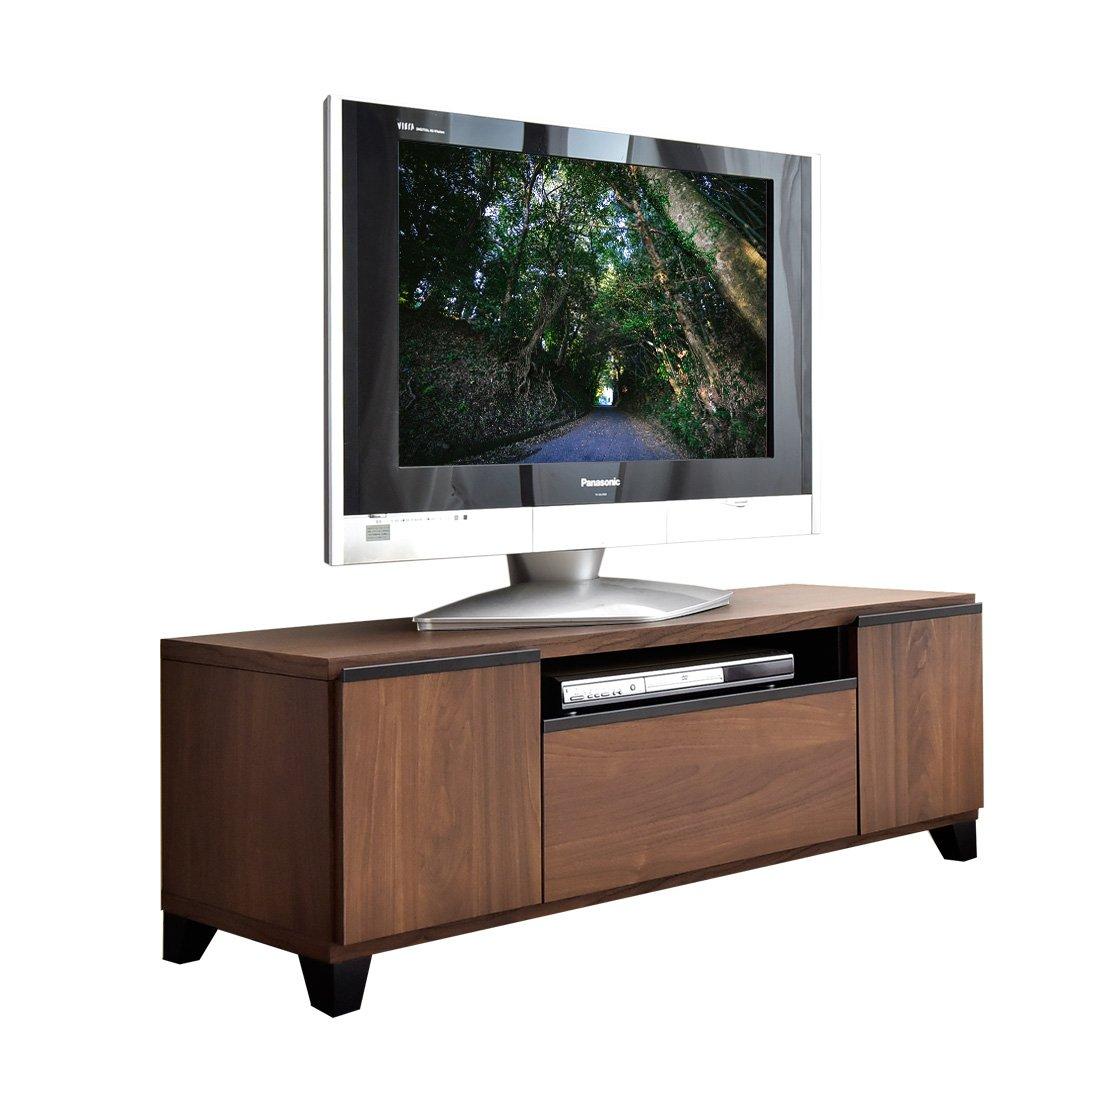 タンスのゲン 国産 完成品 テレビボード 幅120cm ウォールナット ブラウン 24900004 01 B01MQCFA4I Parent  幅120cm